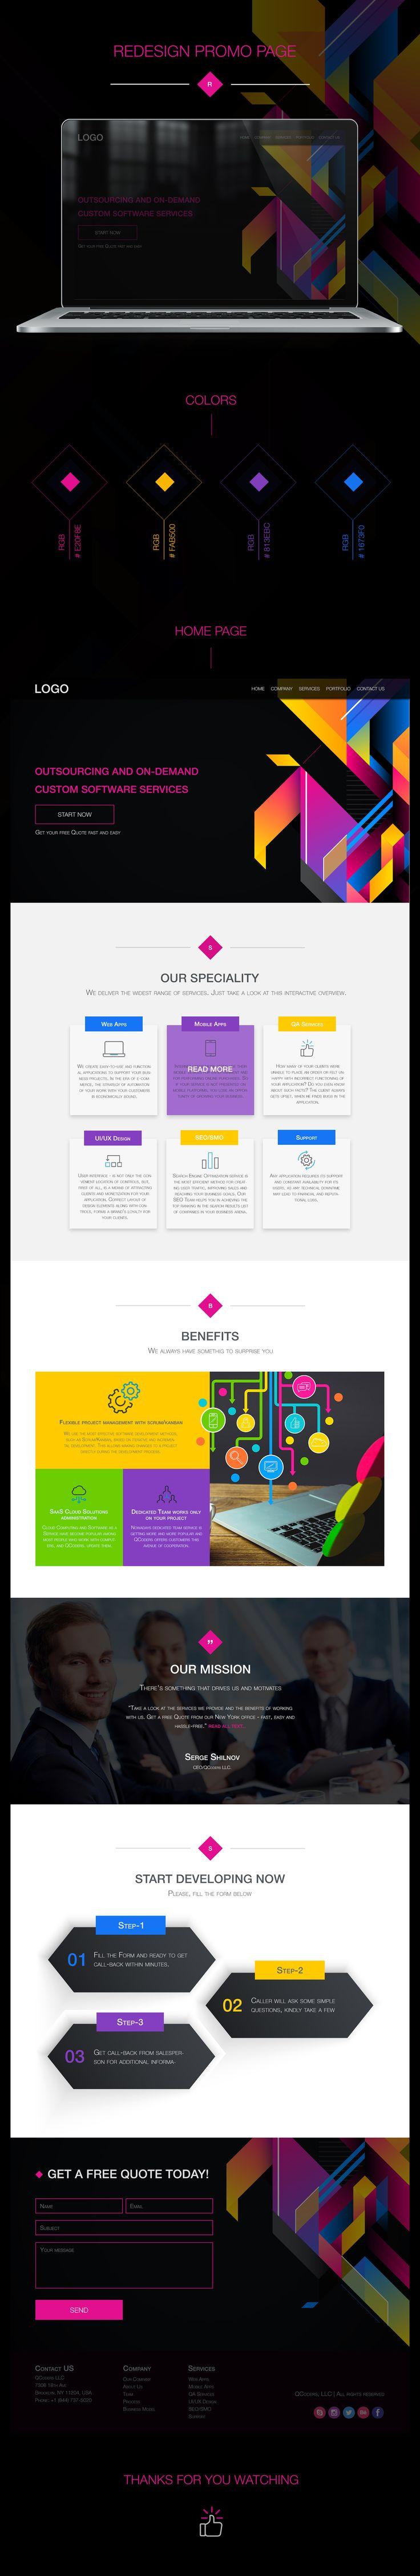 Ознакомьтесь с моим проектом в @Behance: «Redesign Promo Page» https://www.behance.net/gallery/44078021/Redesign-Promo-Page